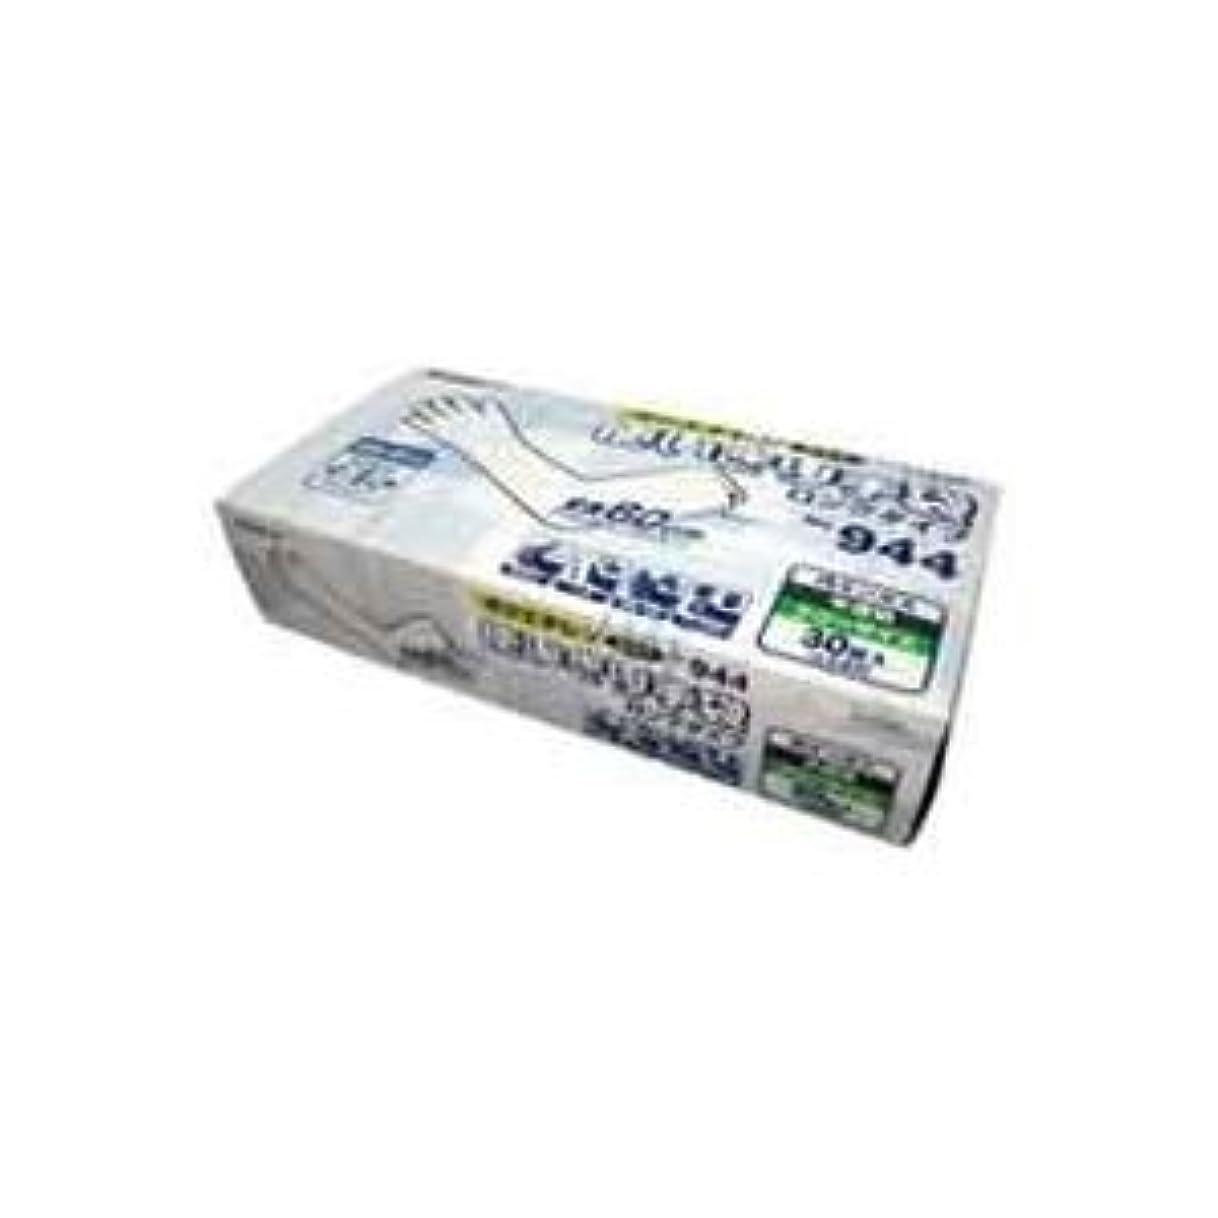 ゆでるエステートしかしインテリア 日用雑貨 掃除用品 (業務用3セット)モデルローブNo.944 ポリエチレン 半透明 30枚